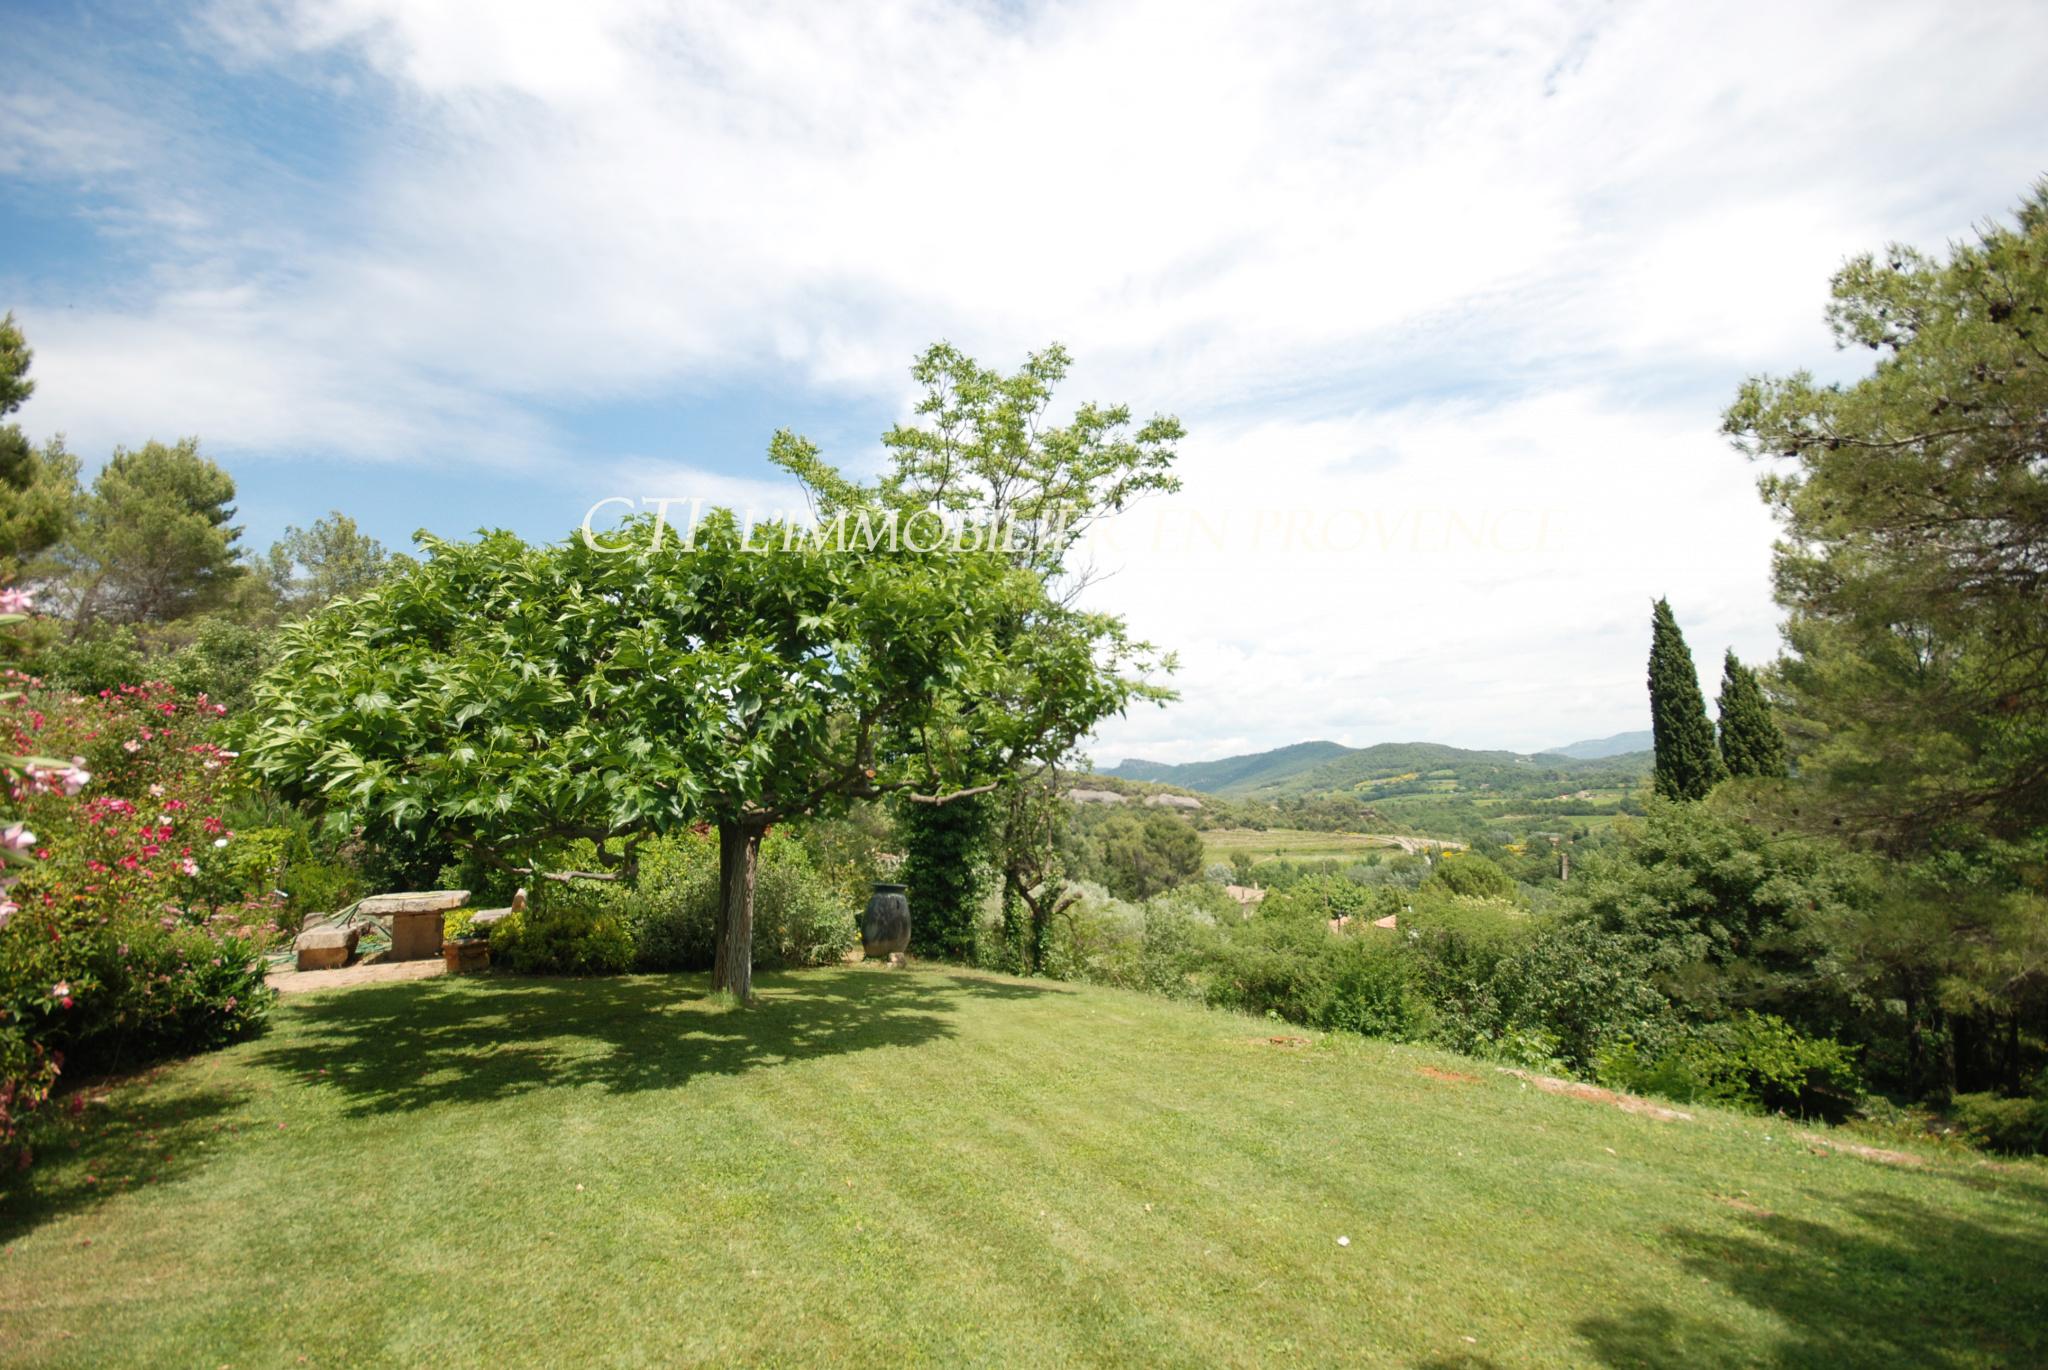 0 www.cti-provence.net, vente propriété en position dominante, de plain pied , 2 HA vue Ventoux